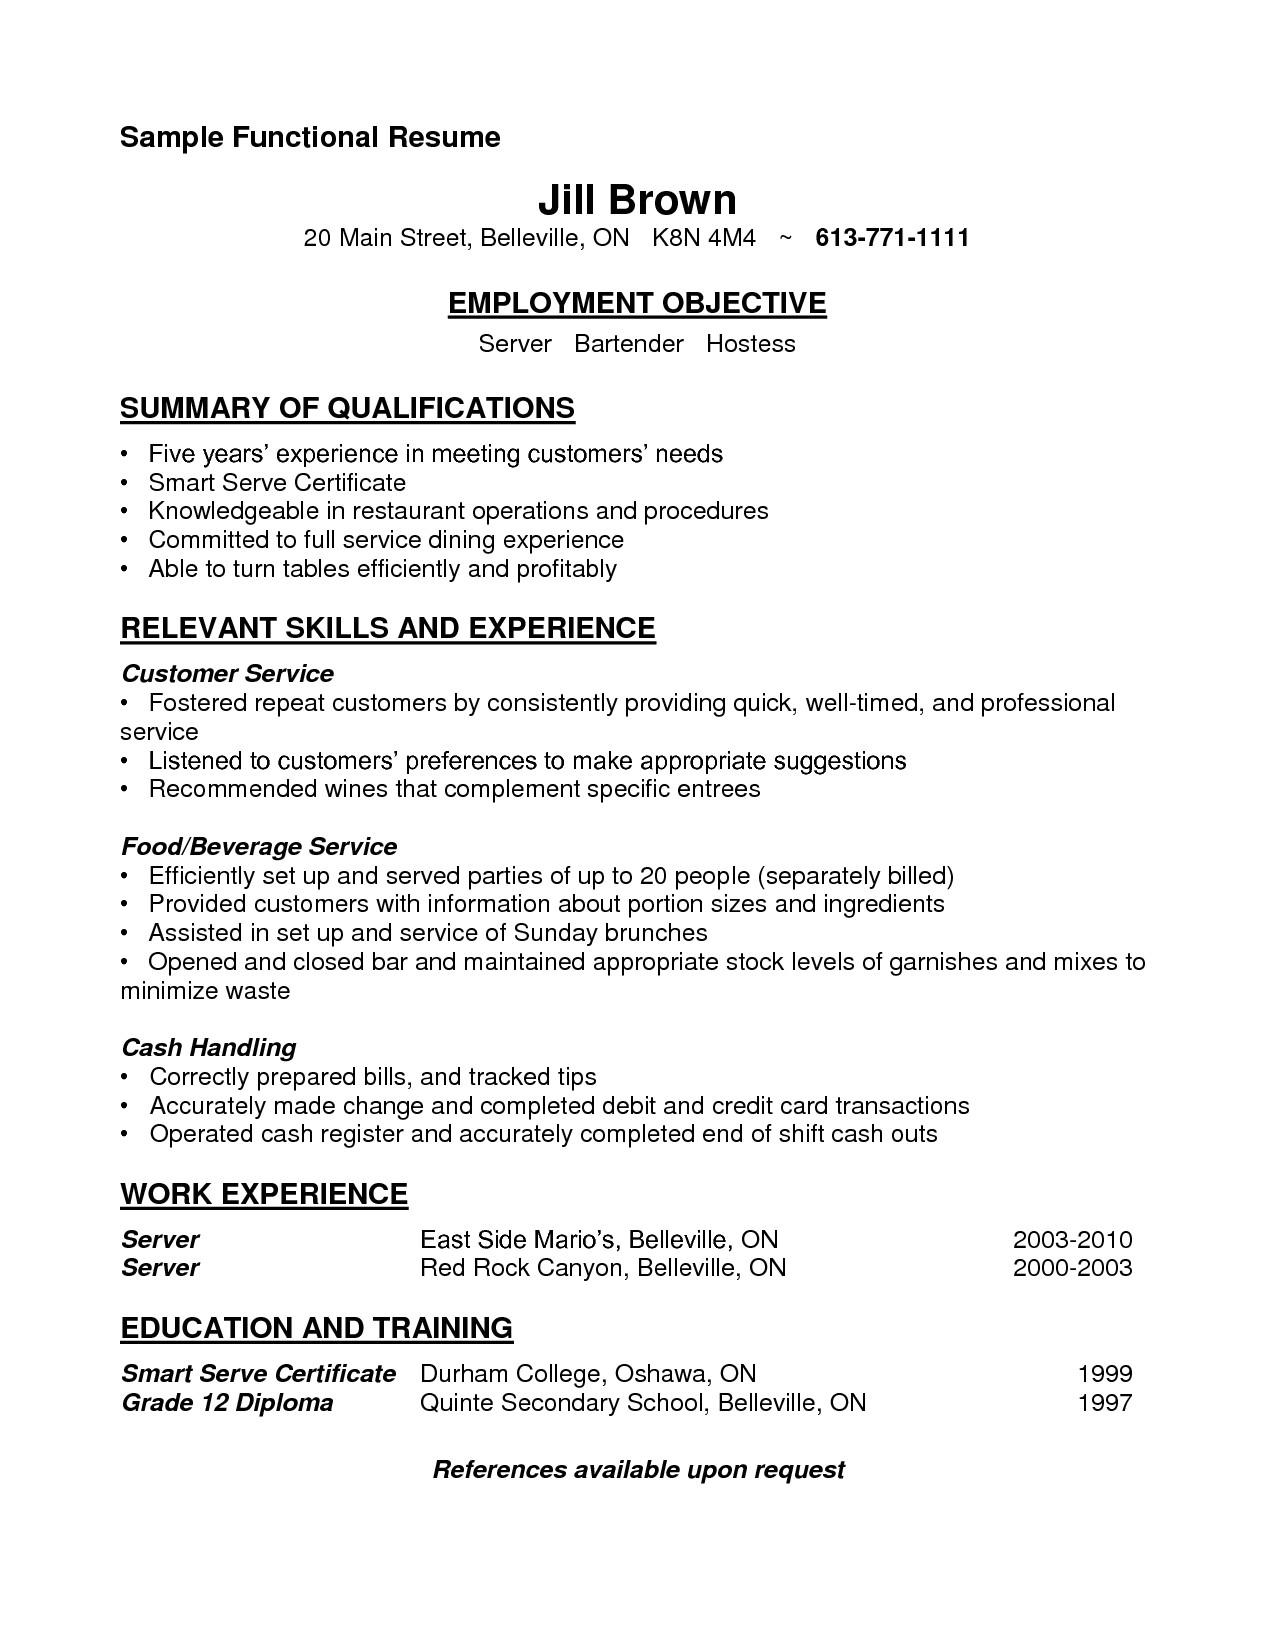 Sample Of Resume for Waitress Position Sample Resume for Cocktail Waitress Job Position